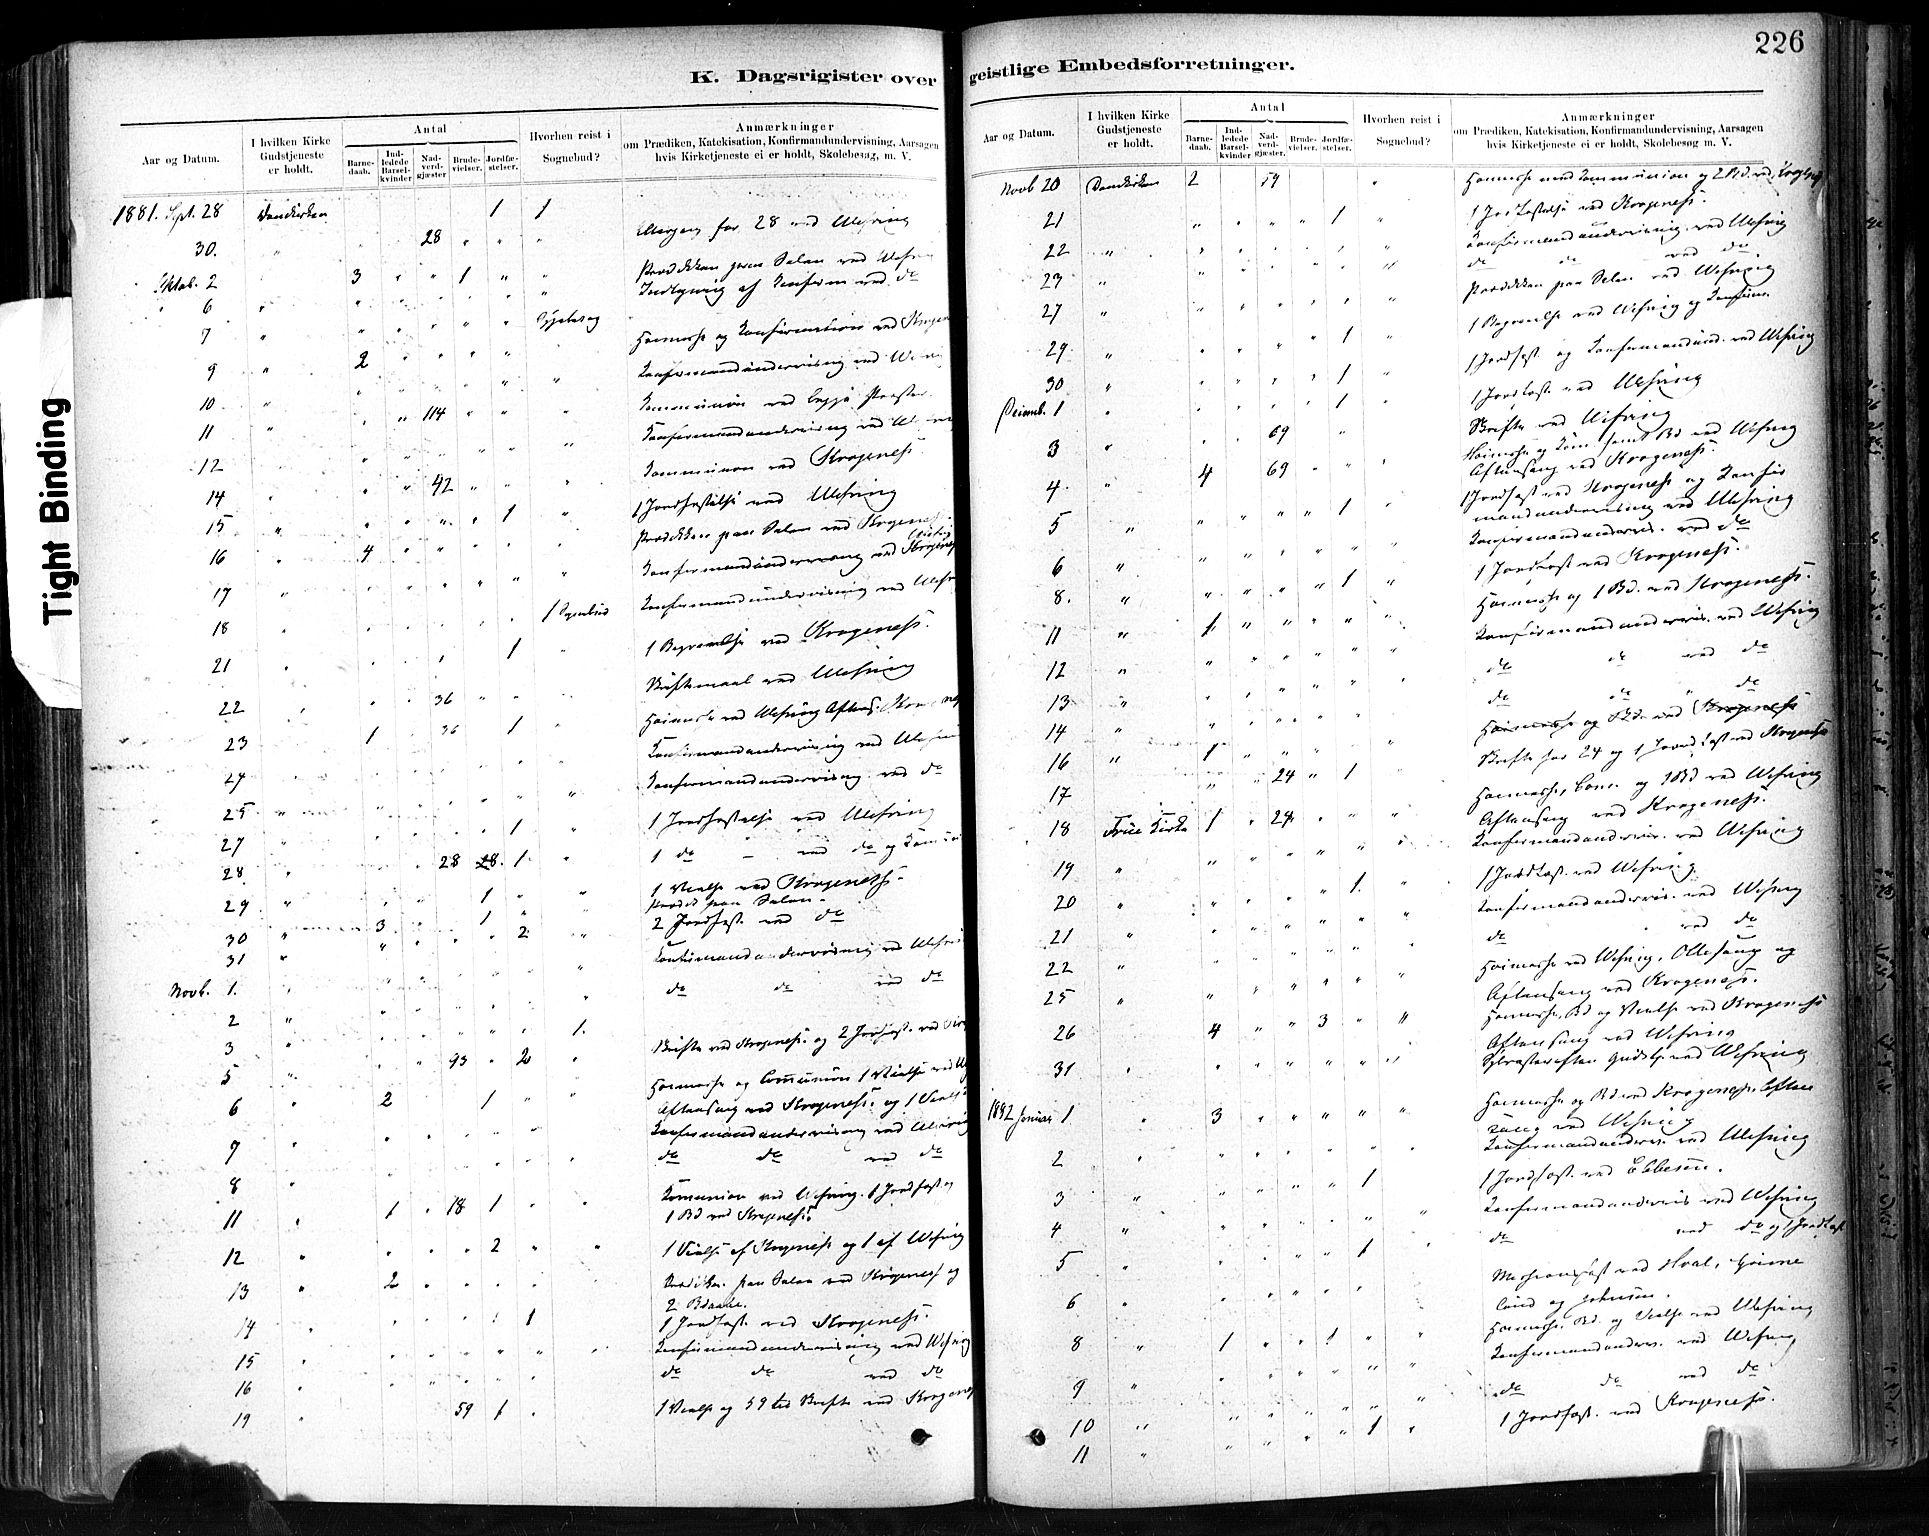 SAT, Ministerialprotokoller, klokkerbøker og fødselsregistre - Sør-Trøndelag, 602/L0120: Ministerialbok nr. 602A18, 1880-1913, s. 226